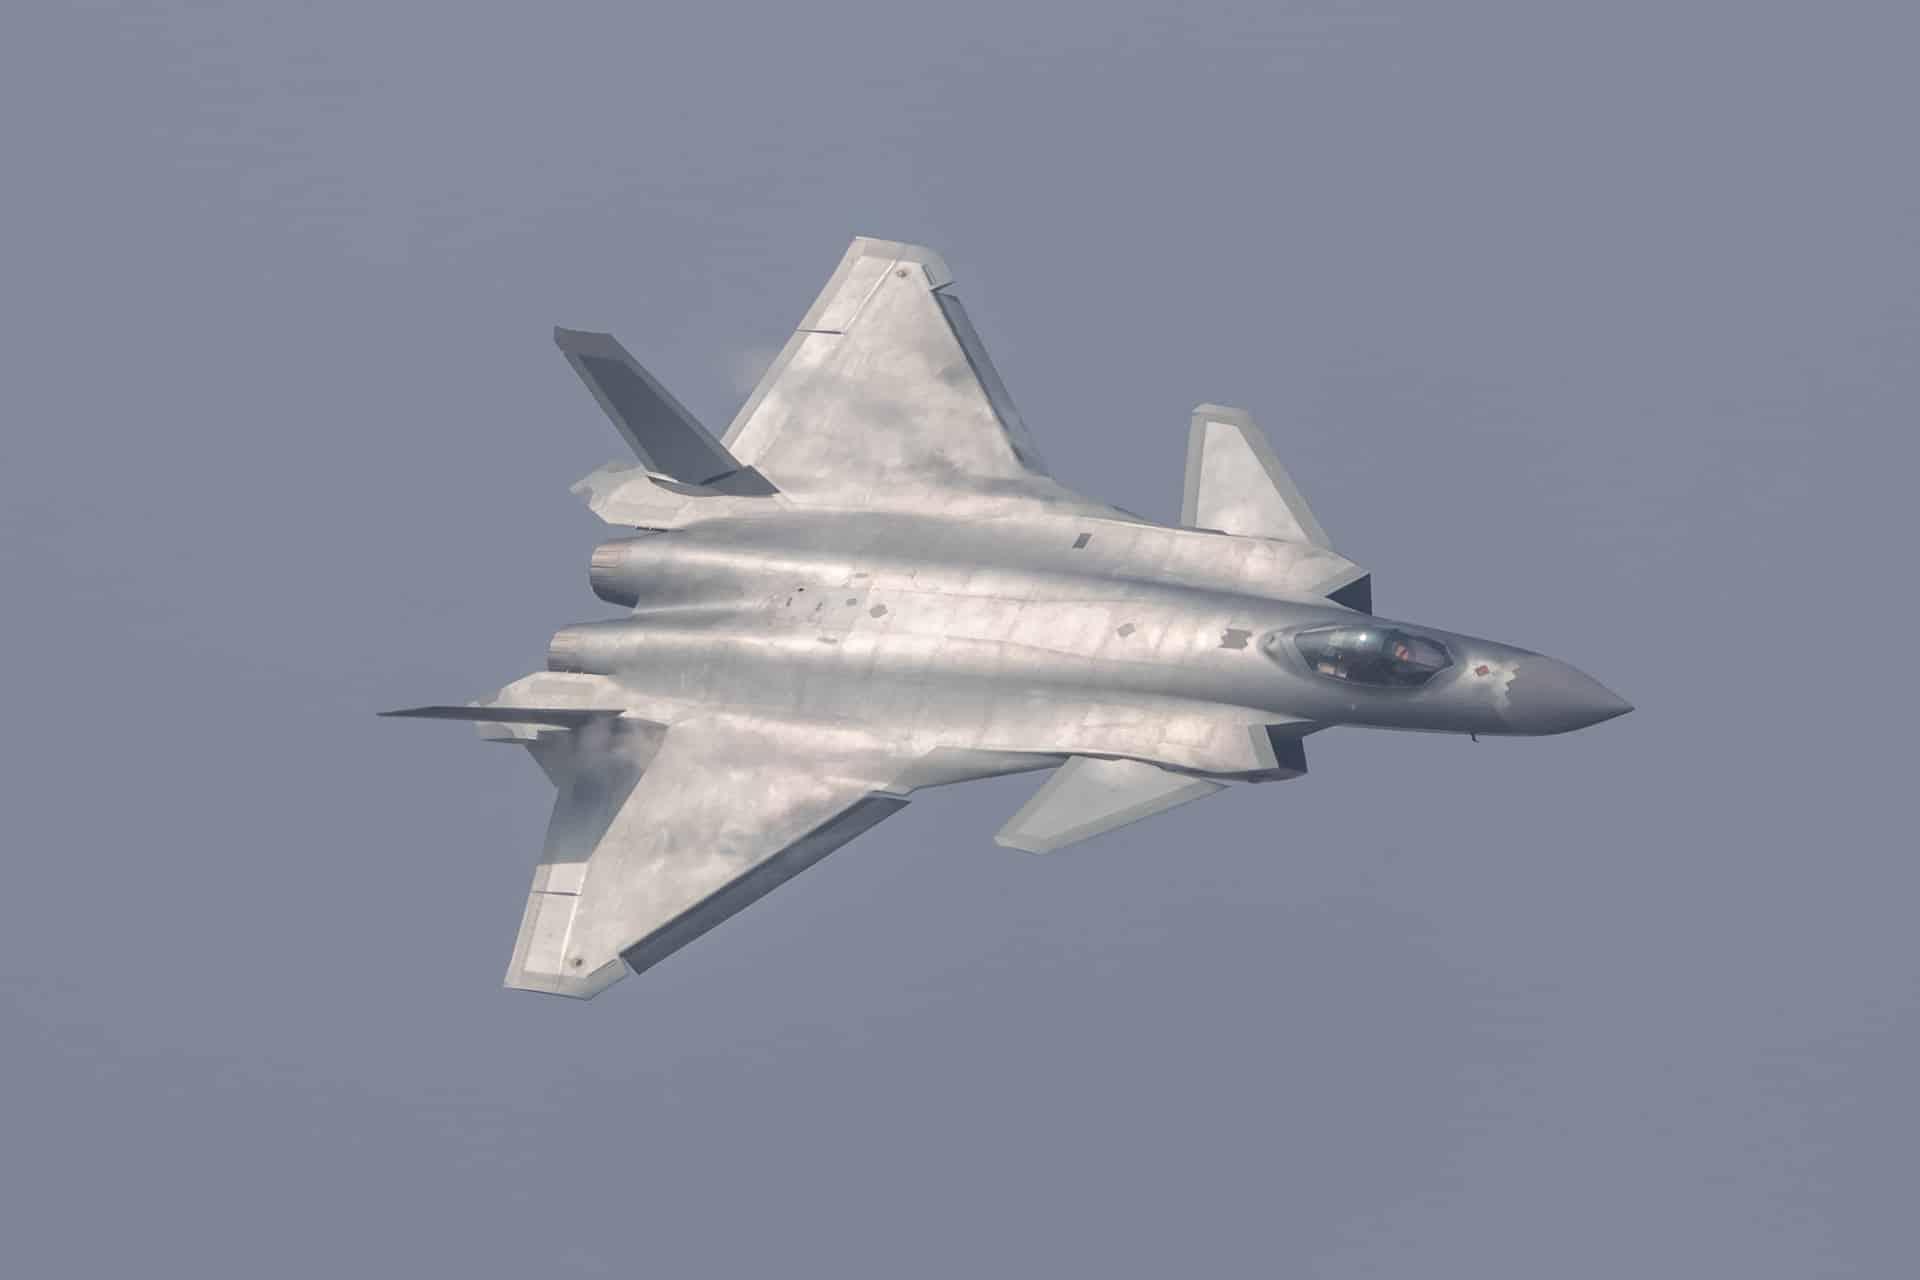 Nate Jaros-Piloto de teste Lockheed Afirmou que o caça furtivo J-20 possui estreita desvantagem emas que pode superar os 5G americanos